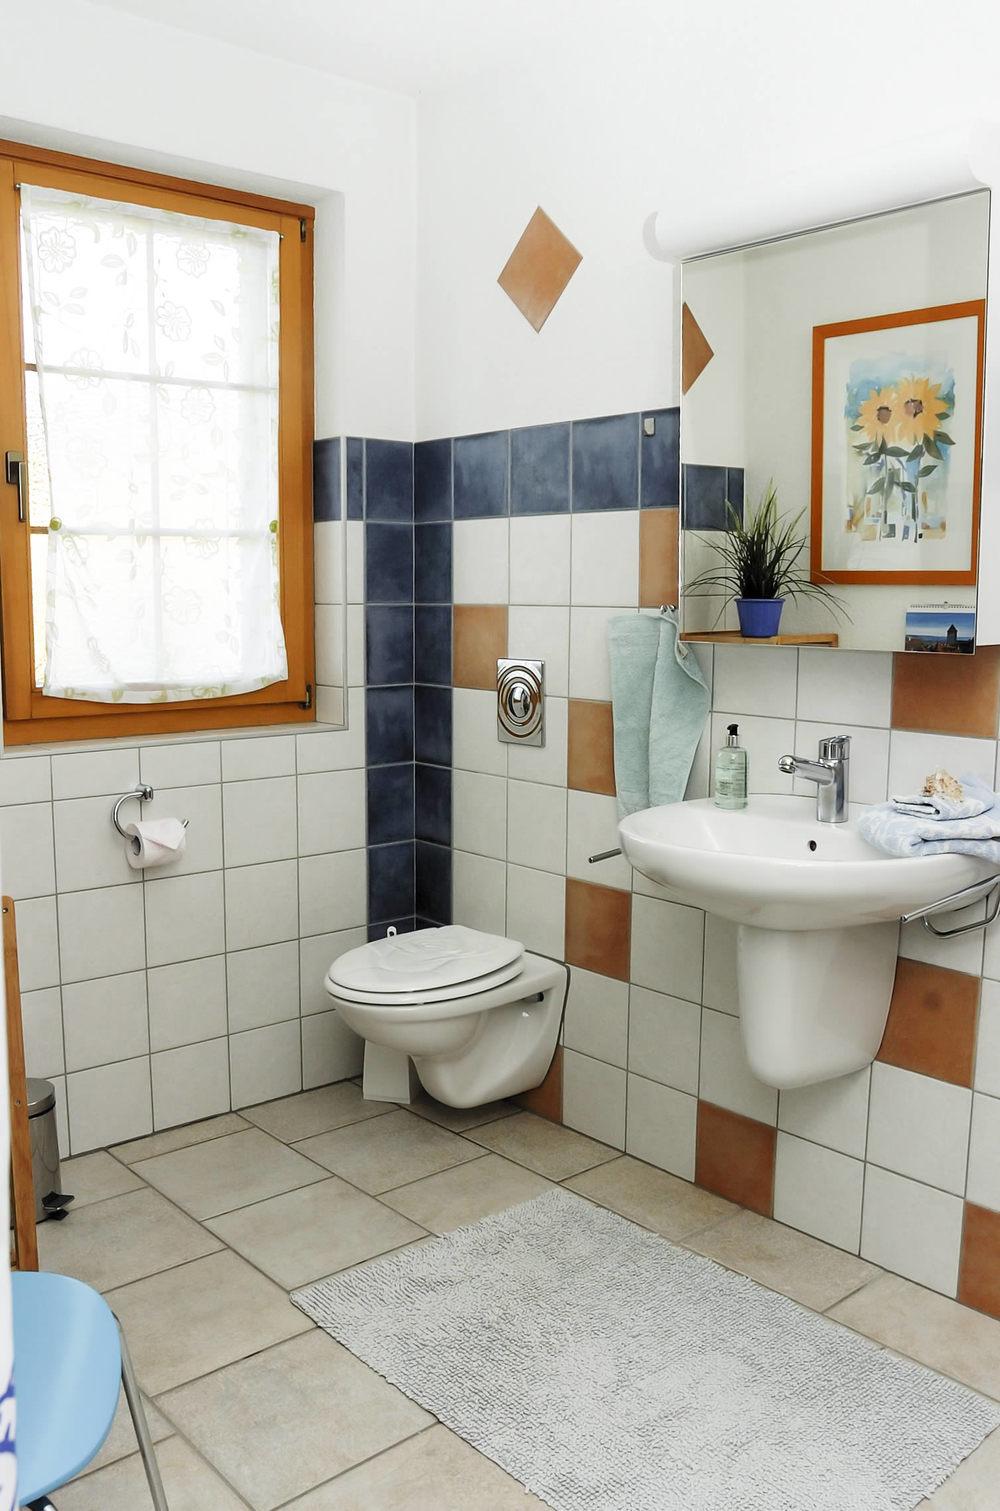 Badezimmer: Ansicht von Toilette und Lavabo